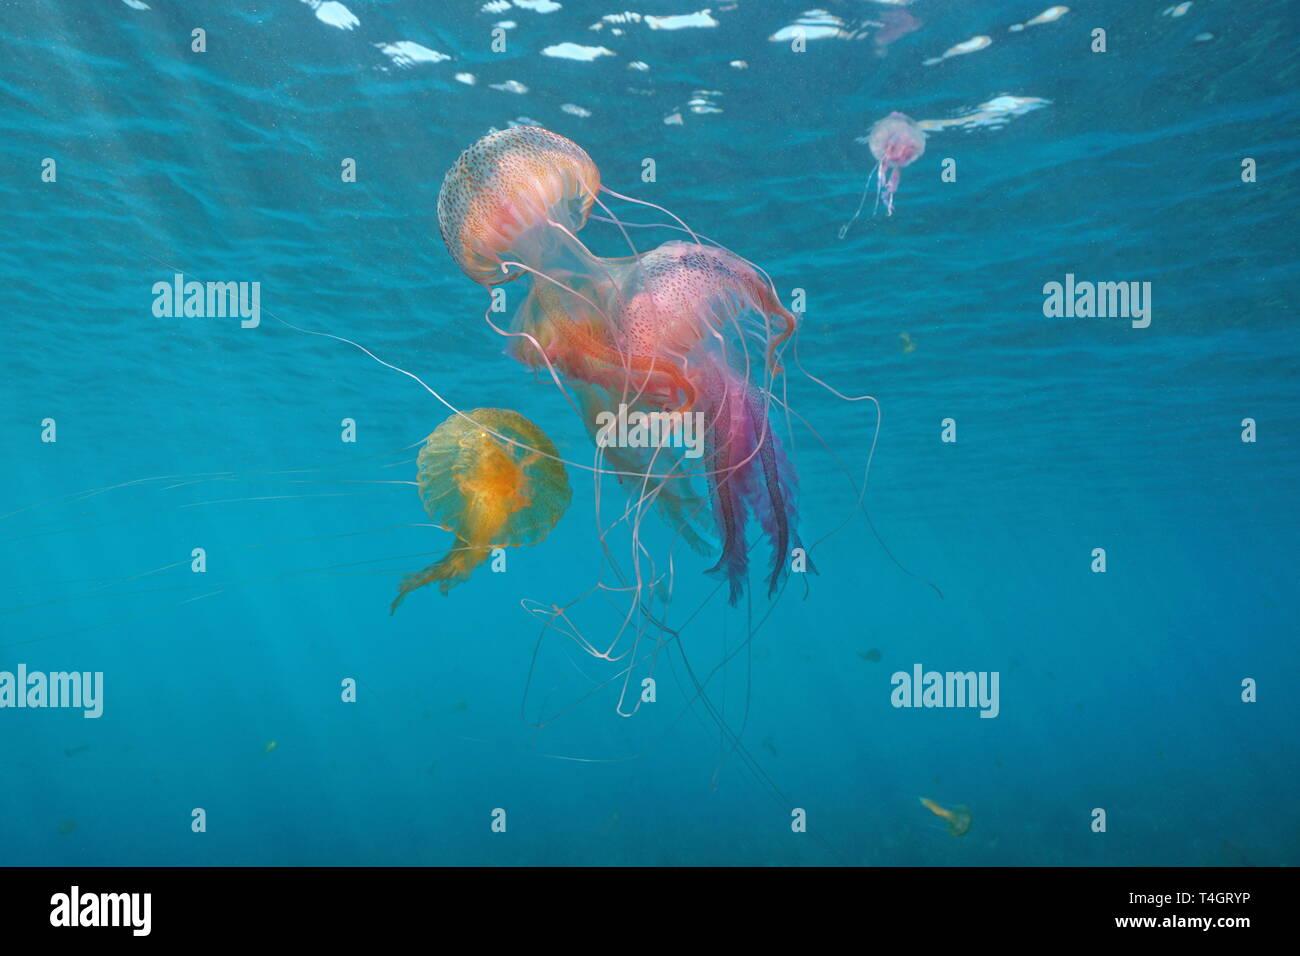 Plusieurs méduses sous l'eau à la mer Méditerranée, mauves Pelagia noctiluca stinger, Espagne Banque D'Images